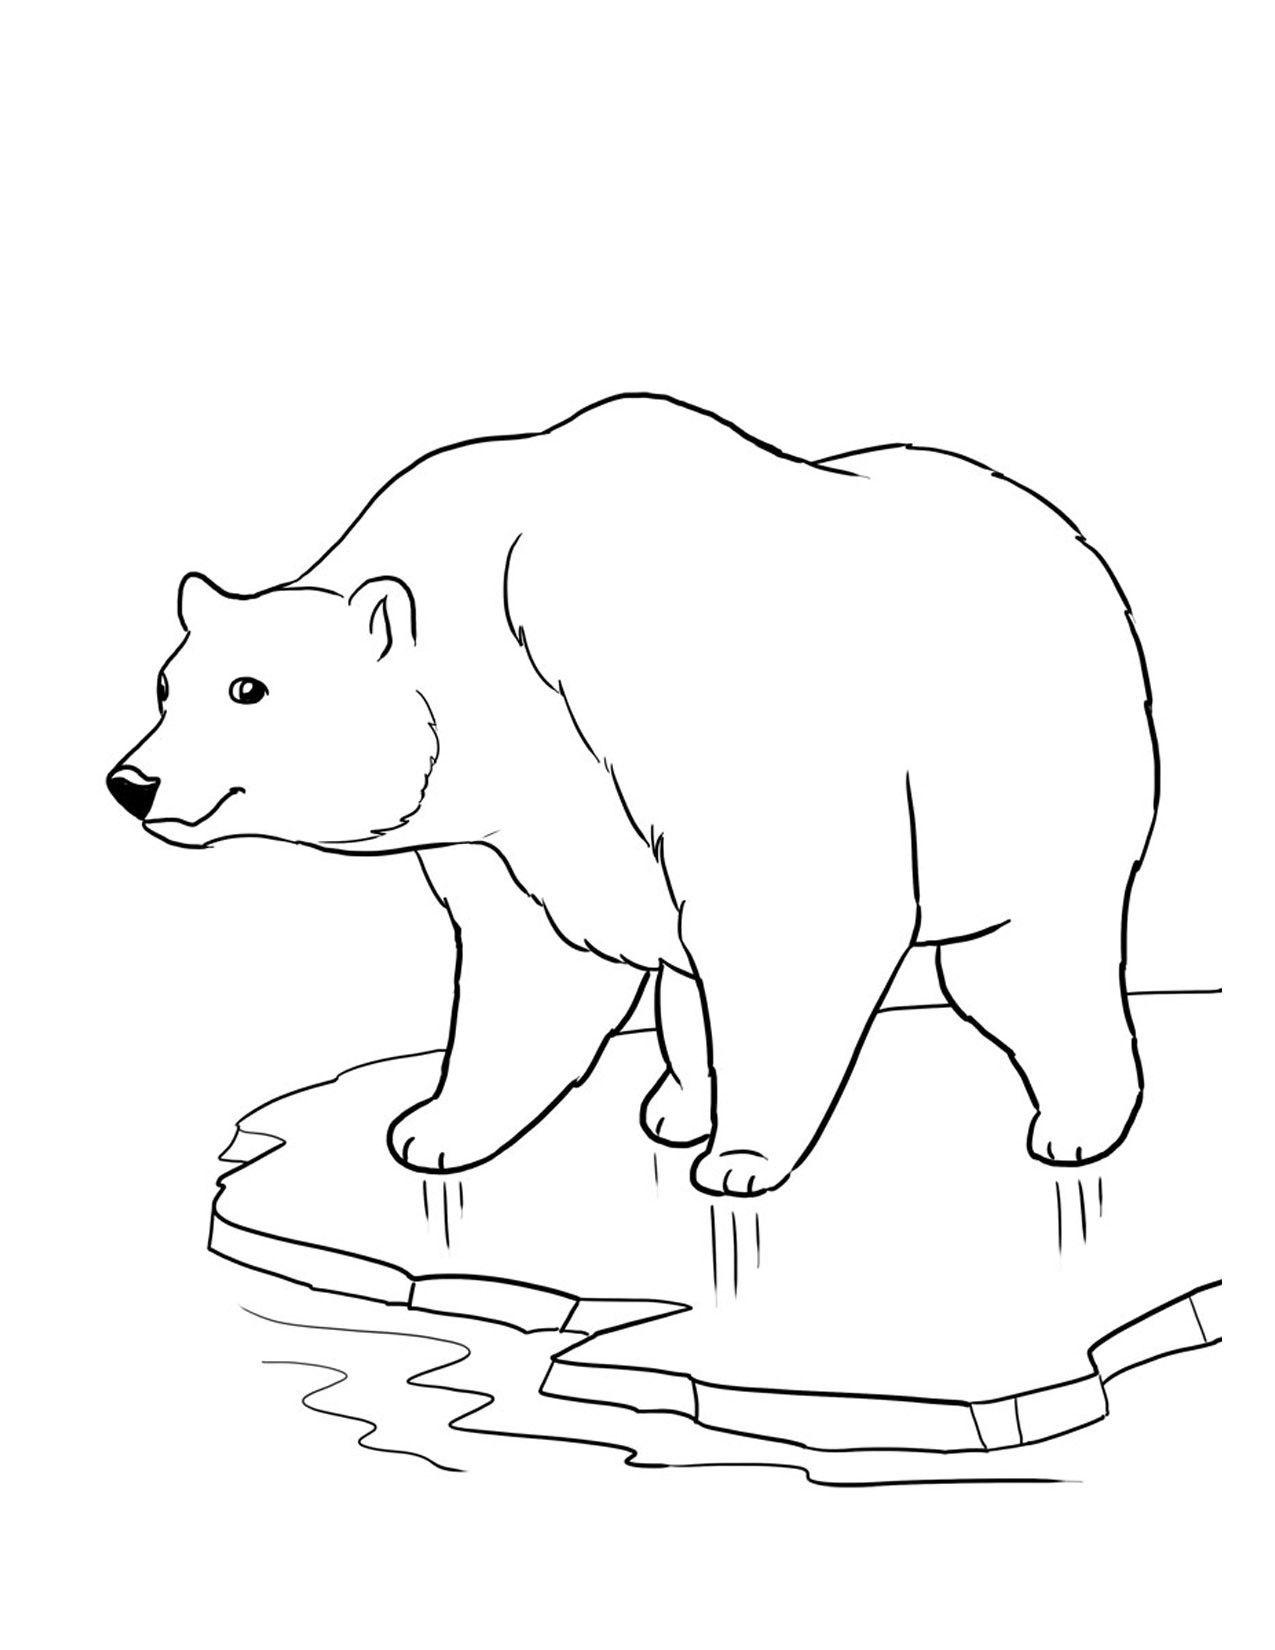 أجمل رسومات دب للتلوين جاهزة للطباعة بفبوف Polar Bear Coloring Page Animal Coloring Pages Bear Coloring Pages